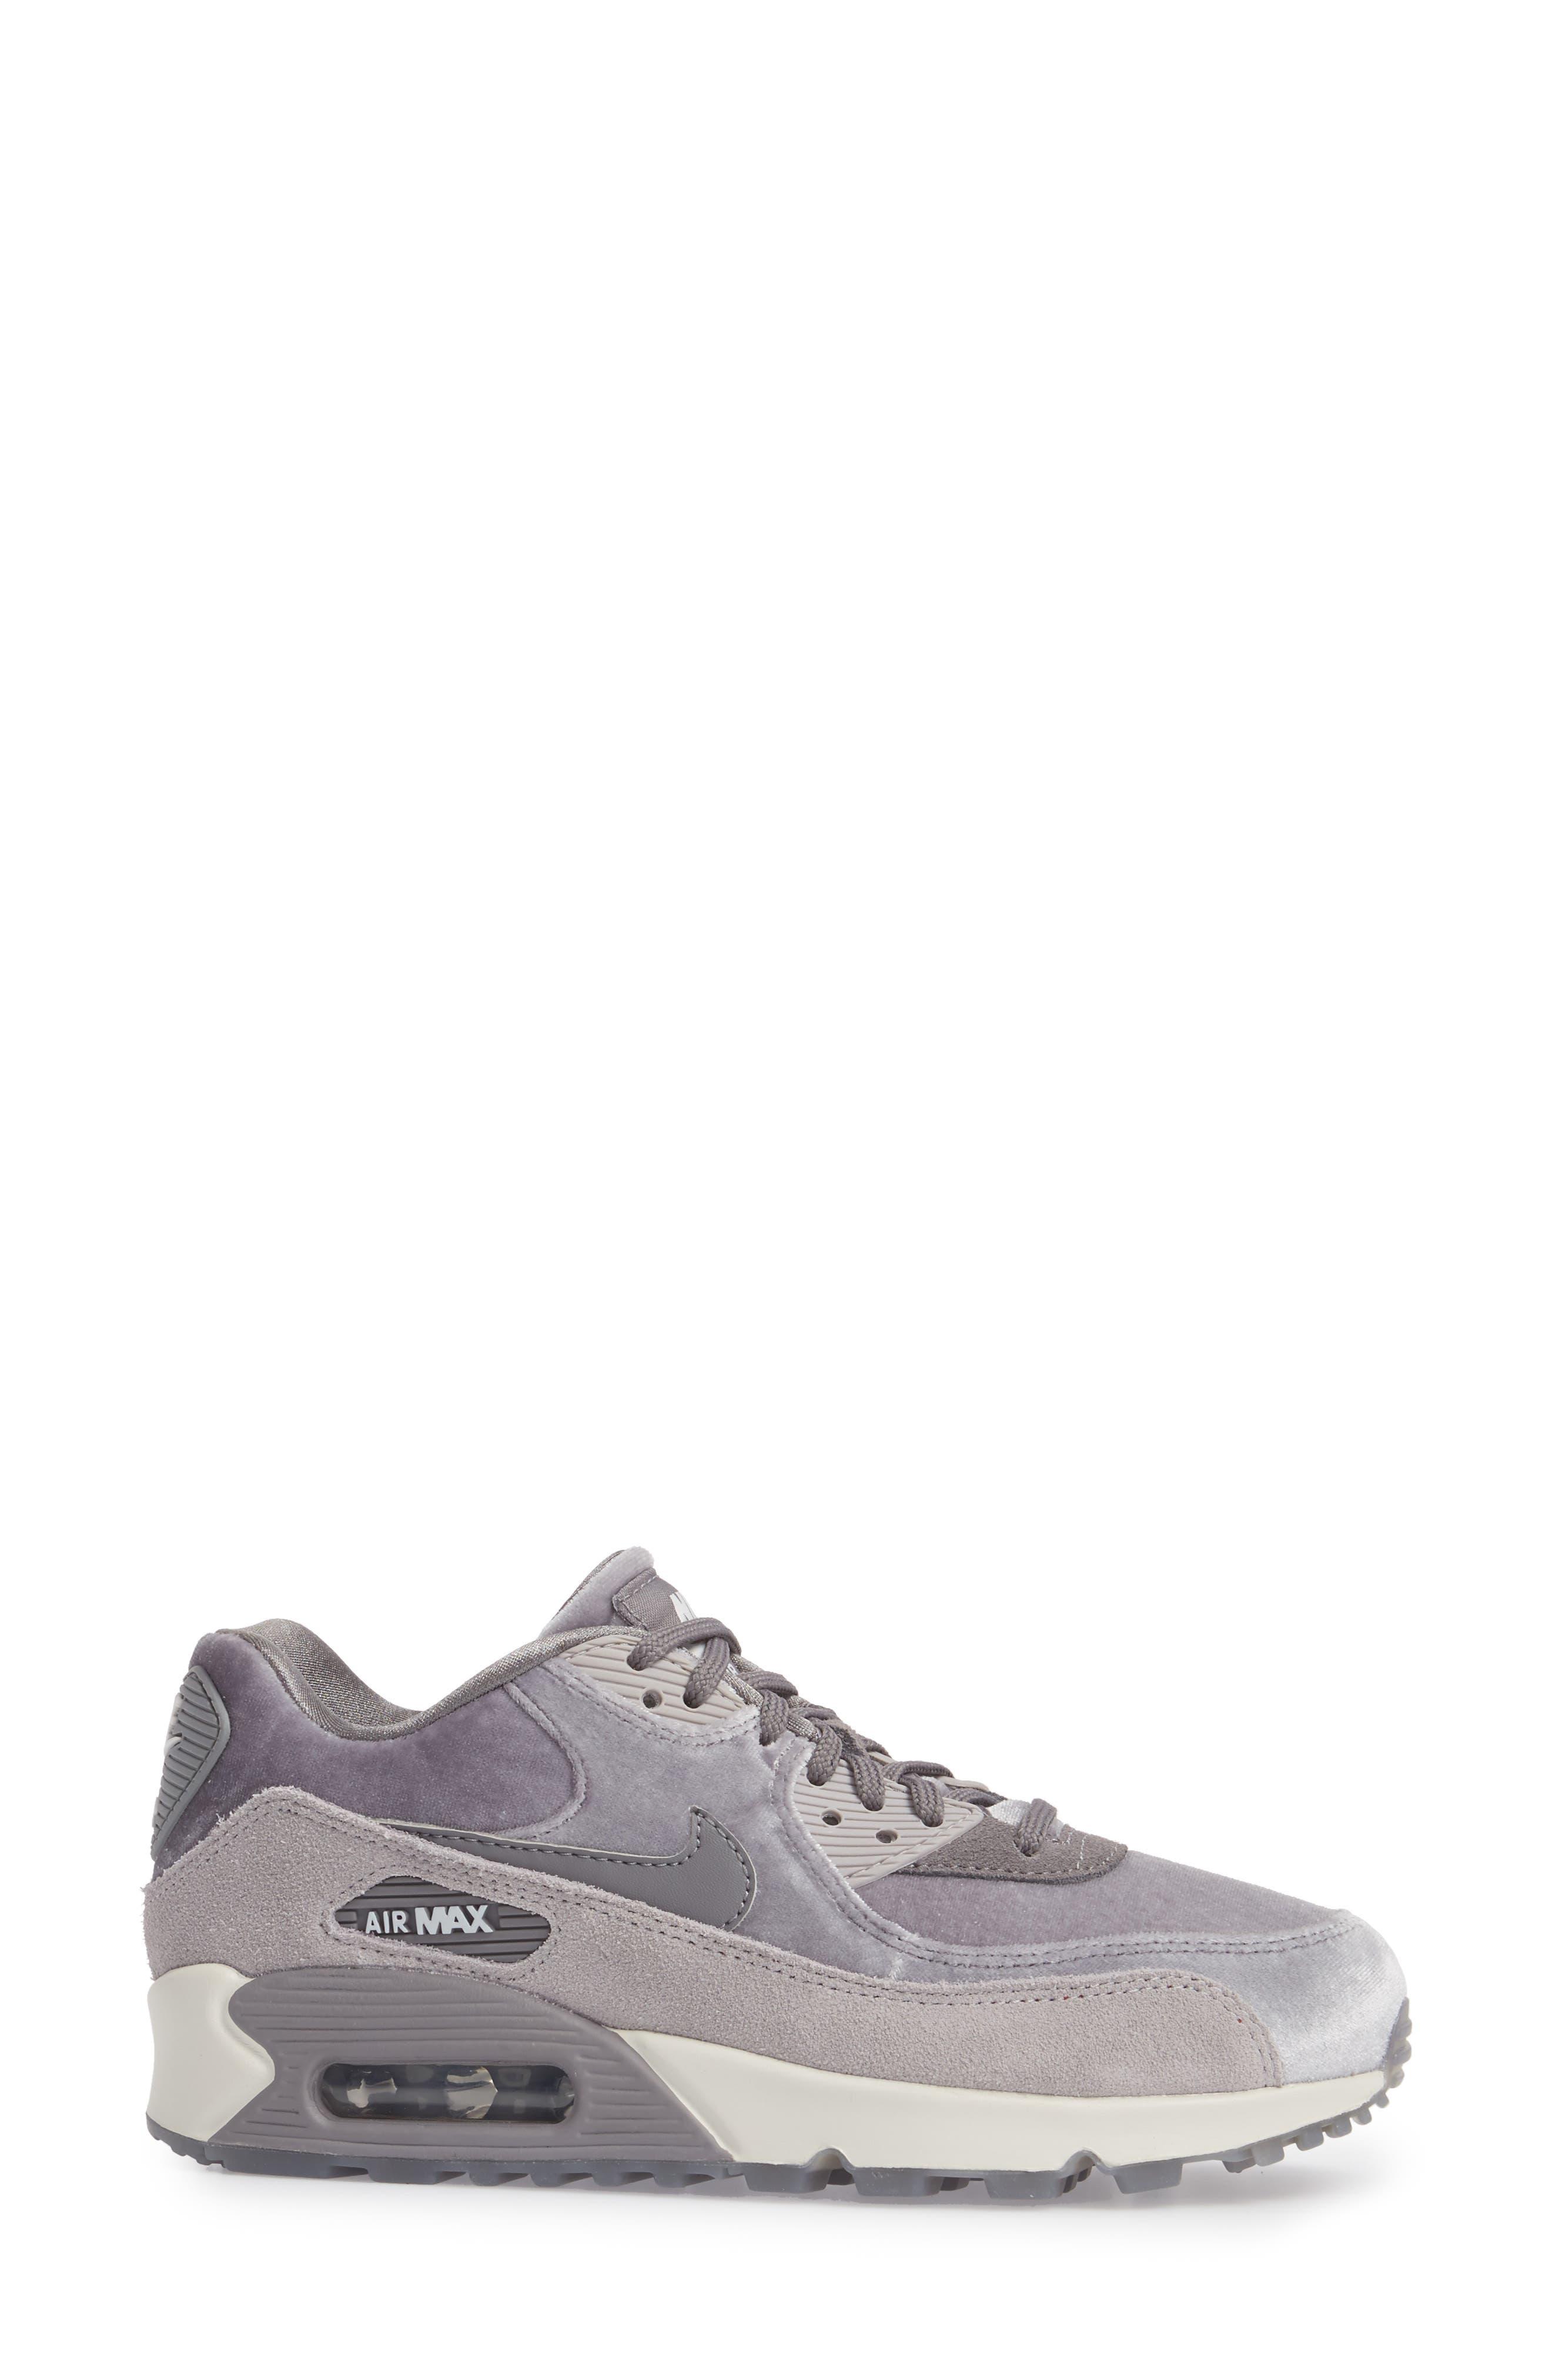 Air Max 90 LX Sneaker,                             Alternate thumbnail 3, color,                             Smoke/ Smoke